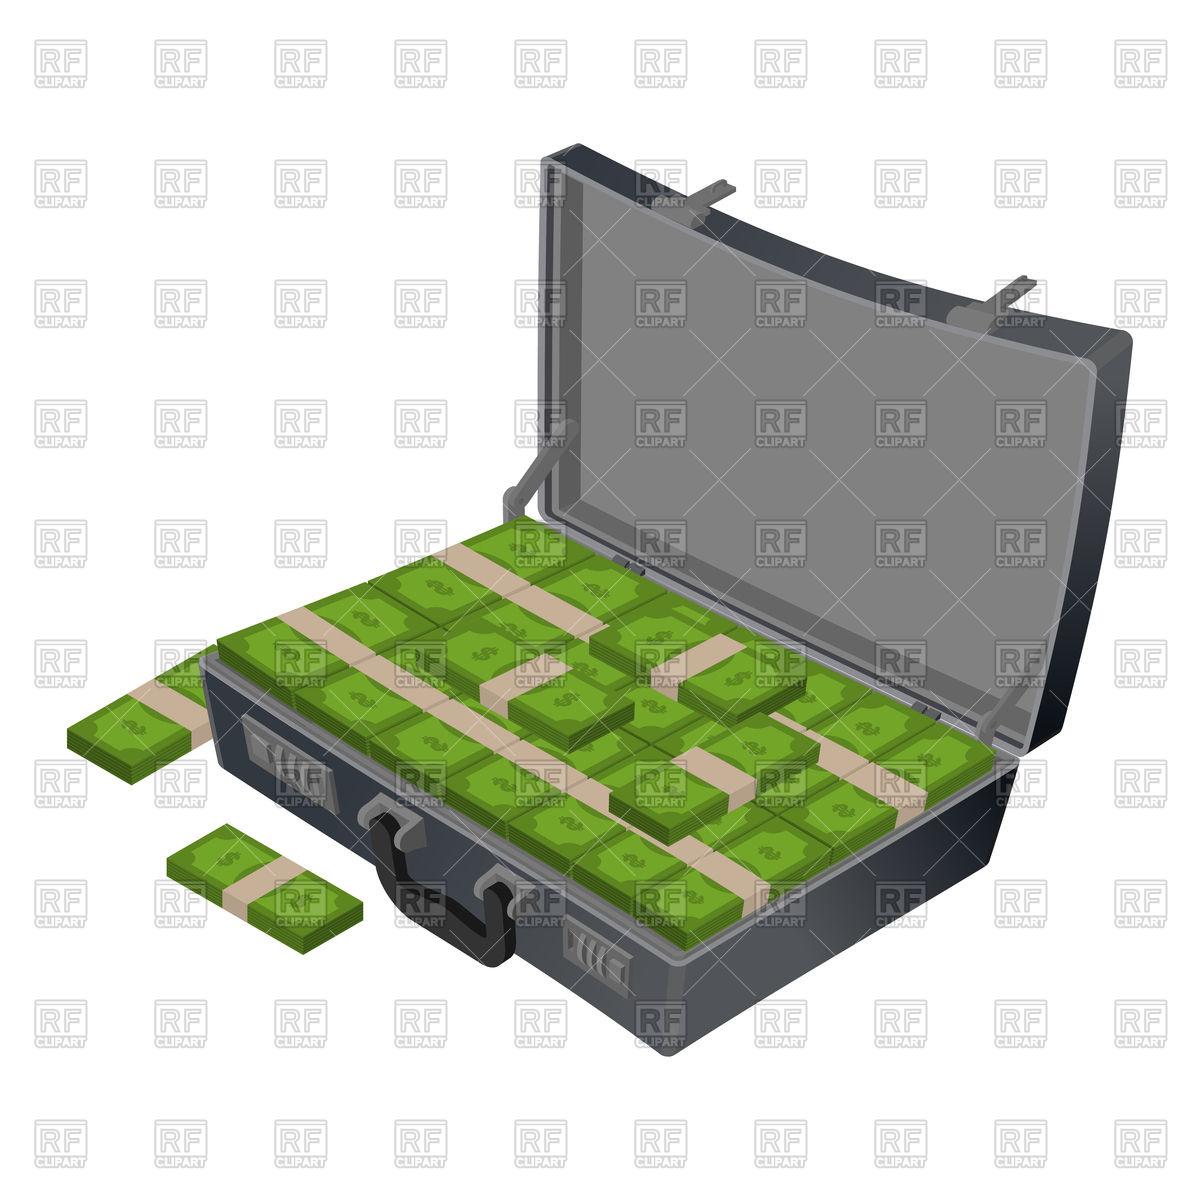 Money case clipart #6